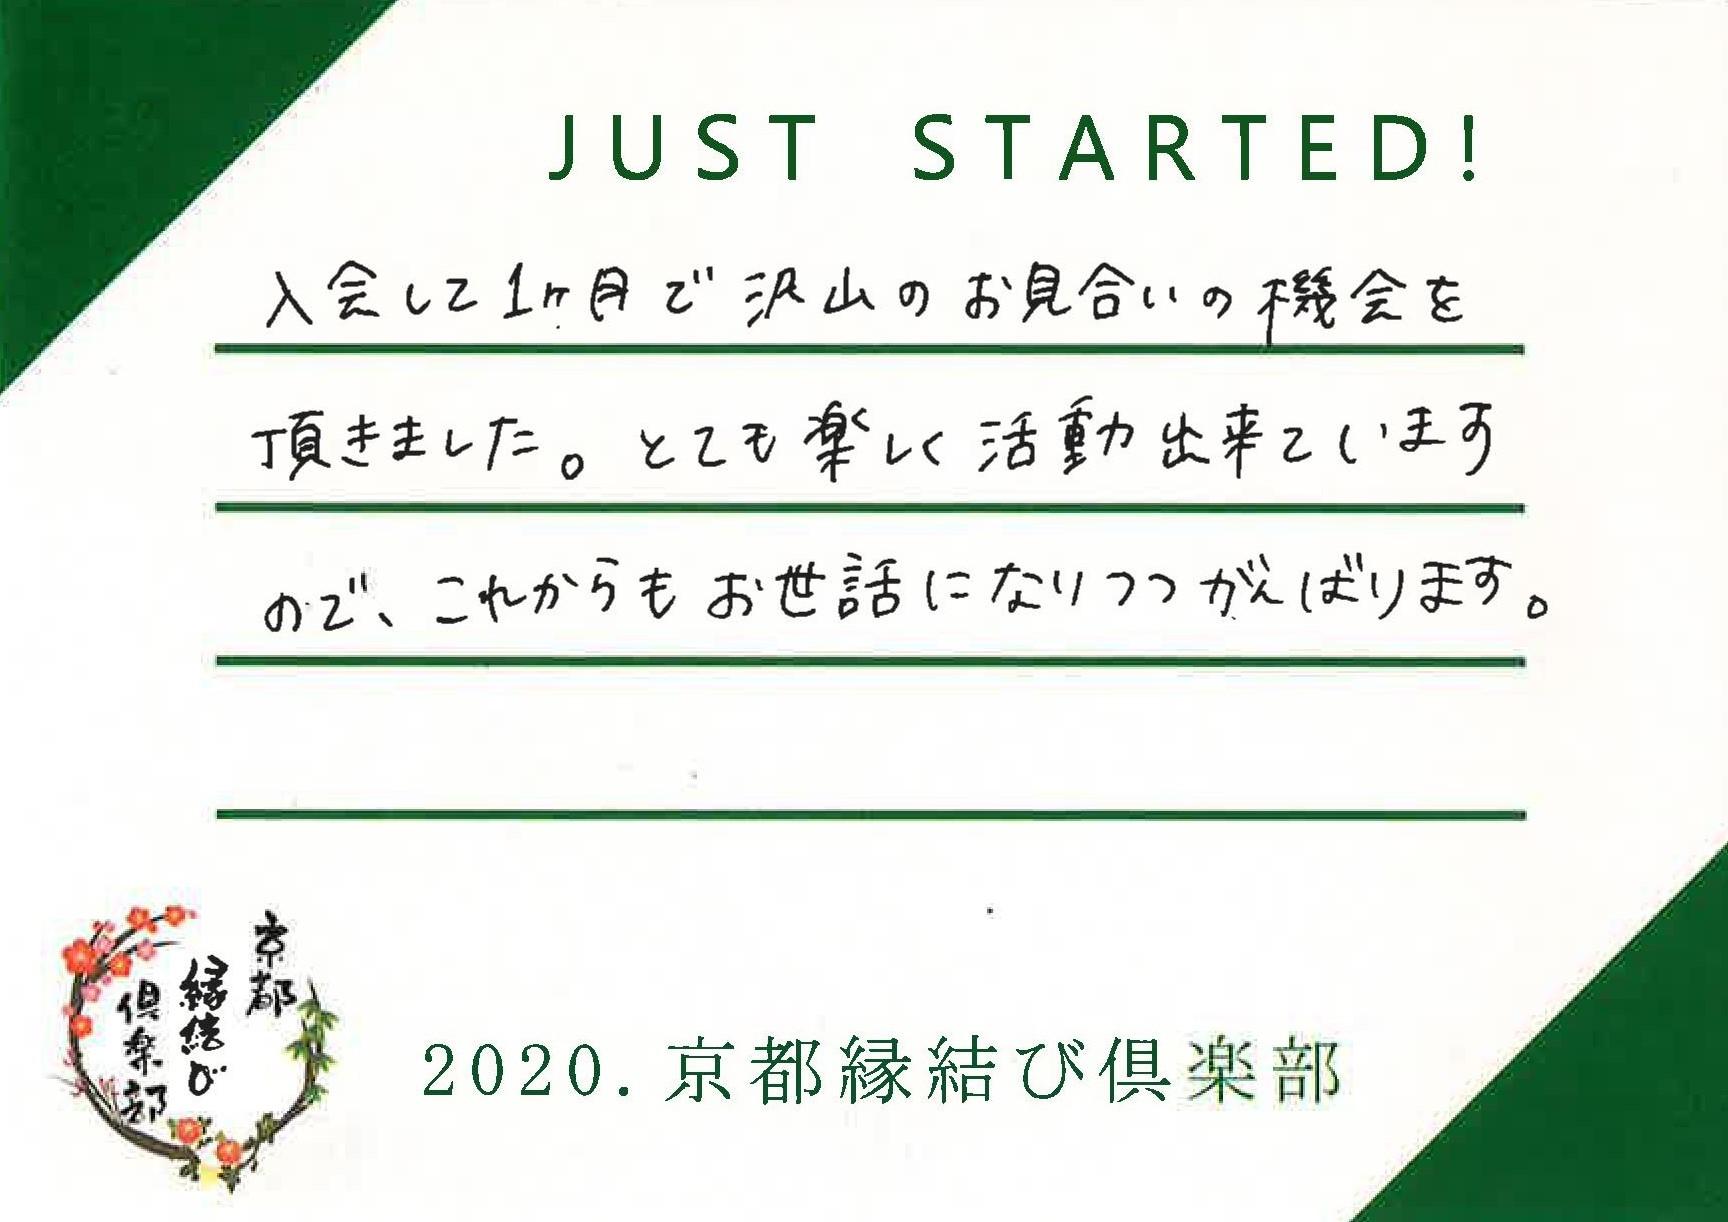 【28歳女性】2020年6月ご入会